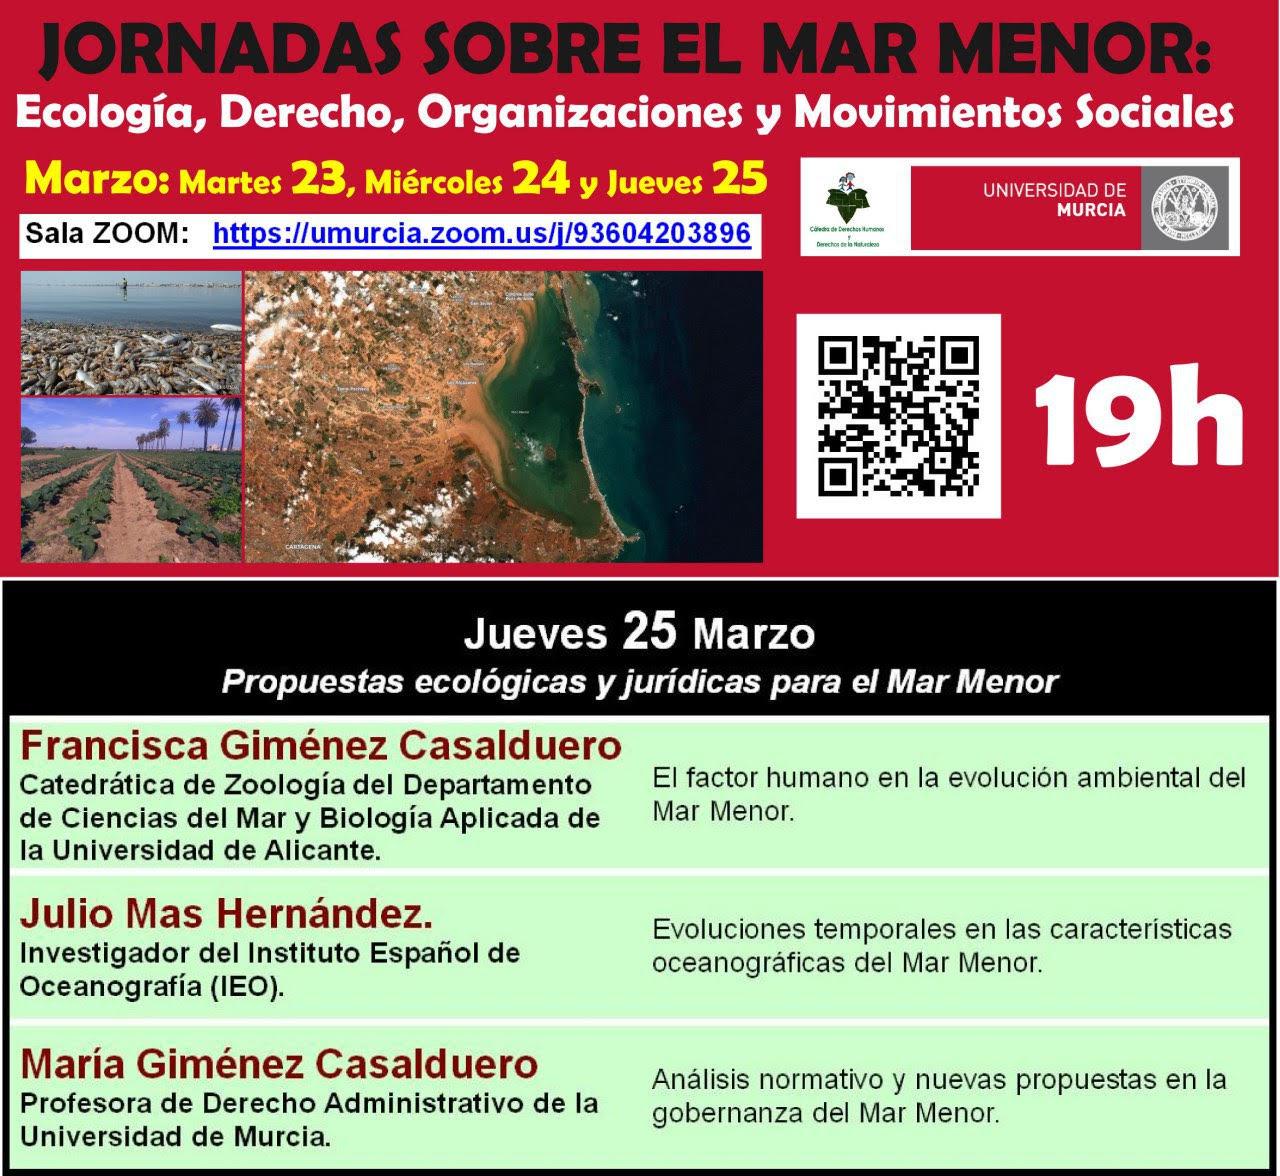 Jornadas sobre el Mar Menor: Ecología, Derecho, Organizaciones y Movimientos Sociales, con la UMU